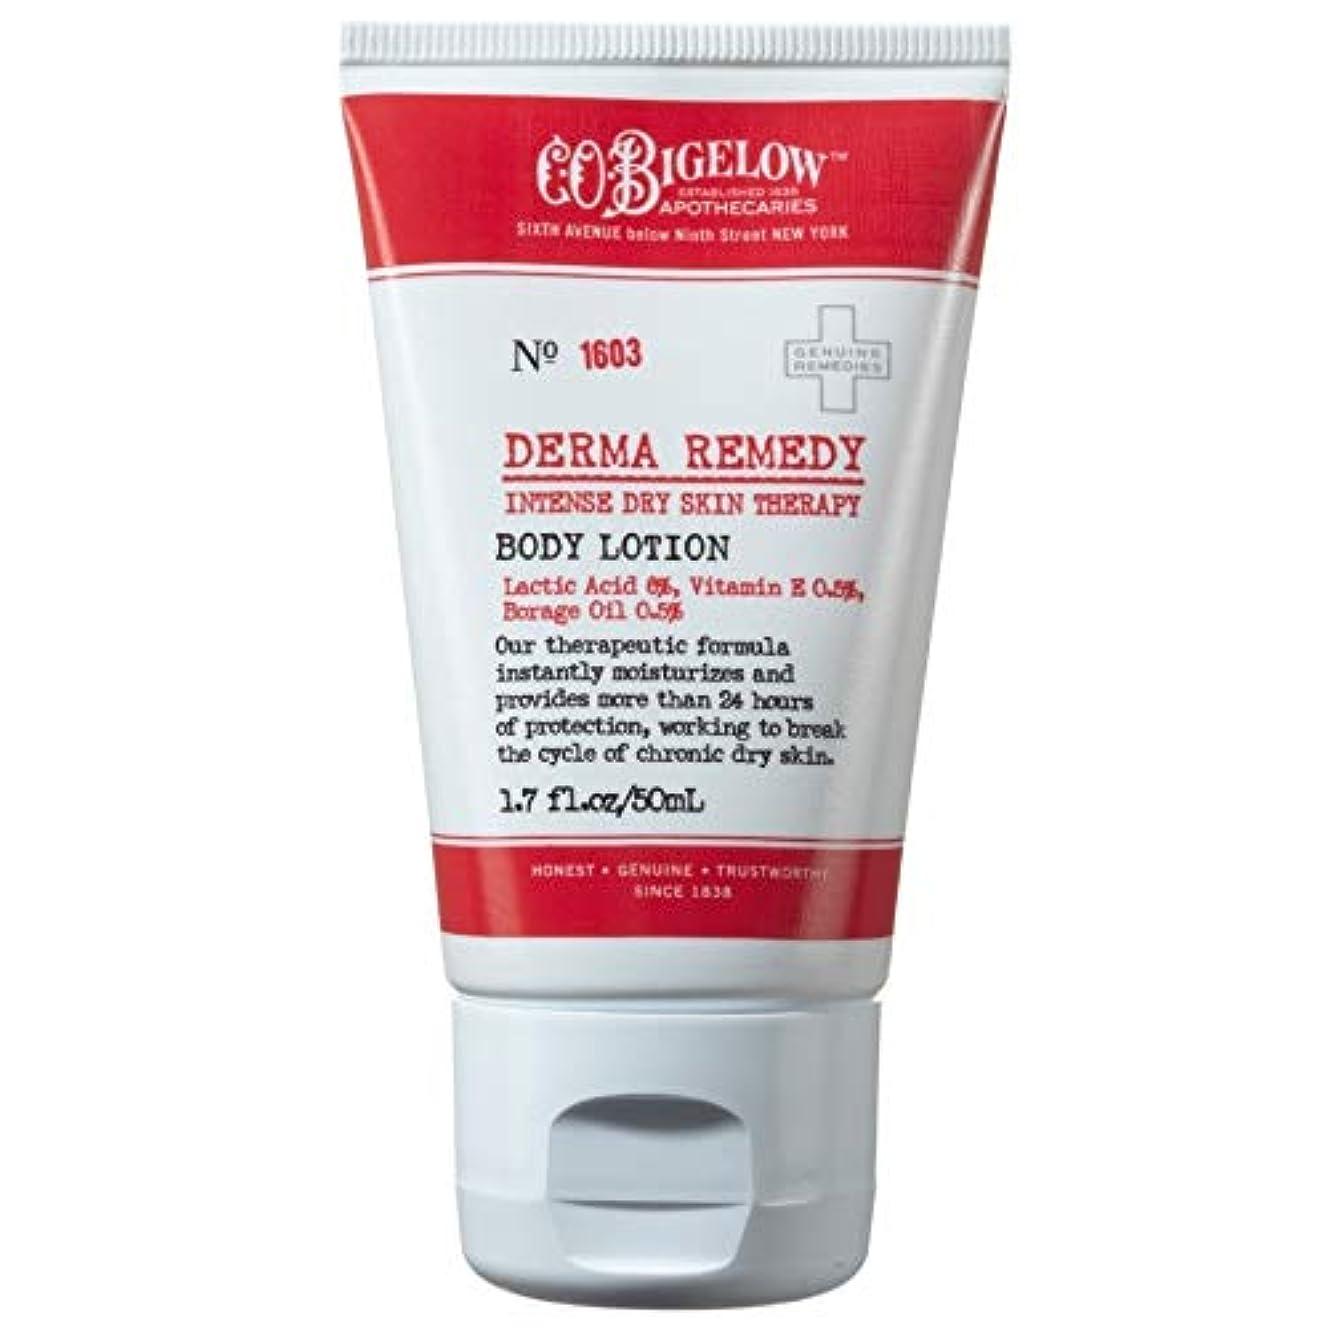 発火する湿原黙[C.O. Bigelow] C.O.ビゲローダーマ救済激しい乾燥肌の治療ボディローション - C.O. Bigelow Derma Remedy Intense Dry Skin Therapy Body Lotion...